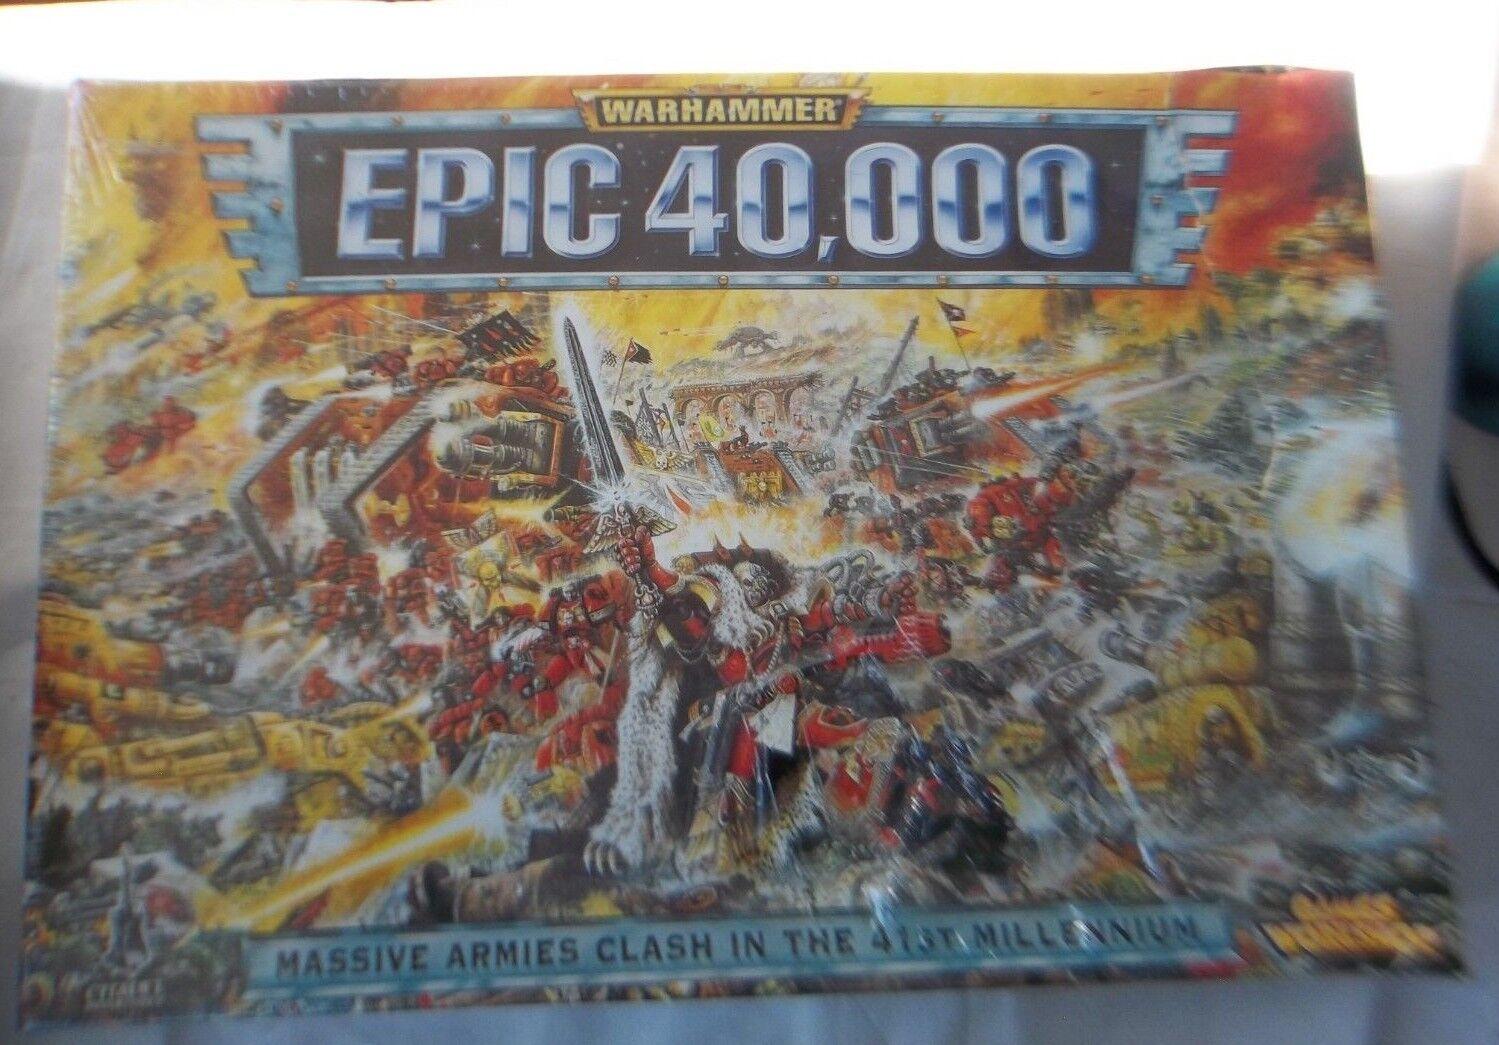 La épica batalla de 40.000 martillos, un gran conflicto militar militar militar en 41.000 años, Nueva sellada en 1997. 138